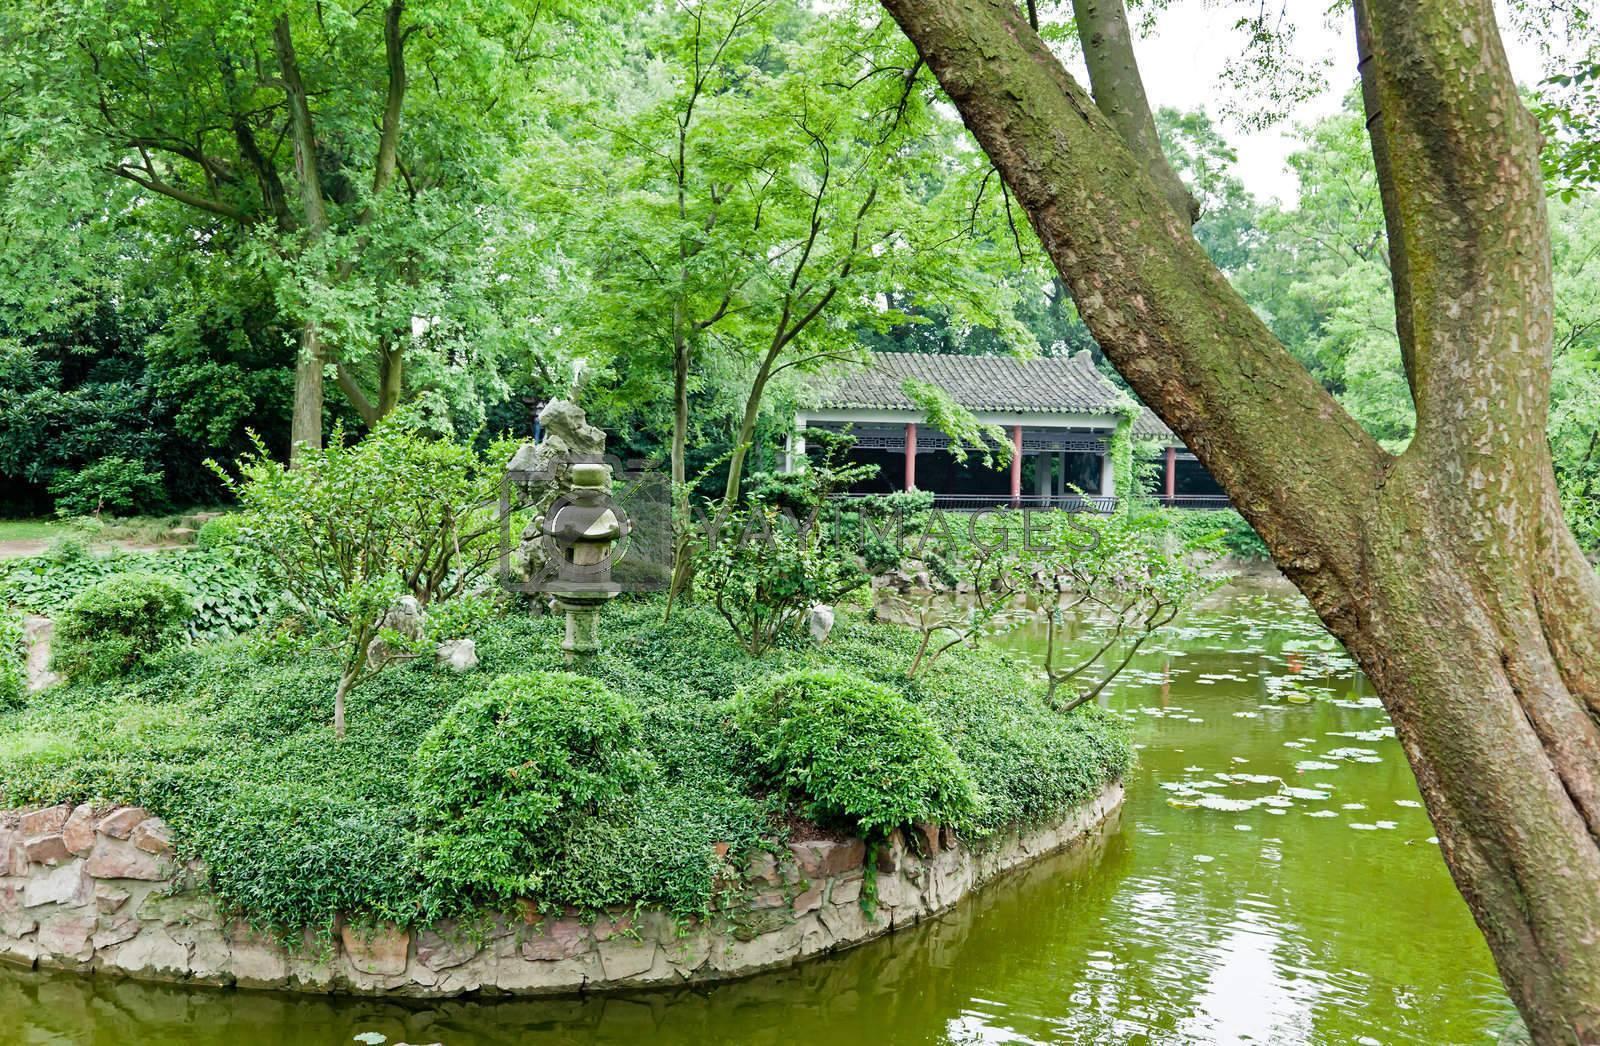 yuan-tou-chu dai lake park in Wuxi city China